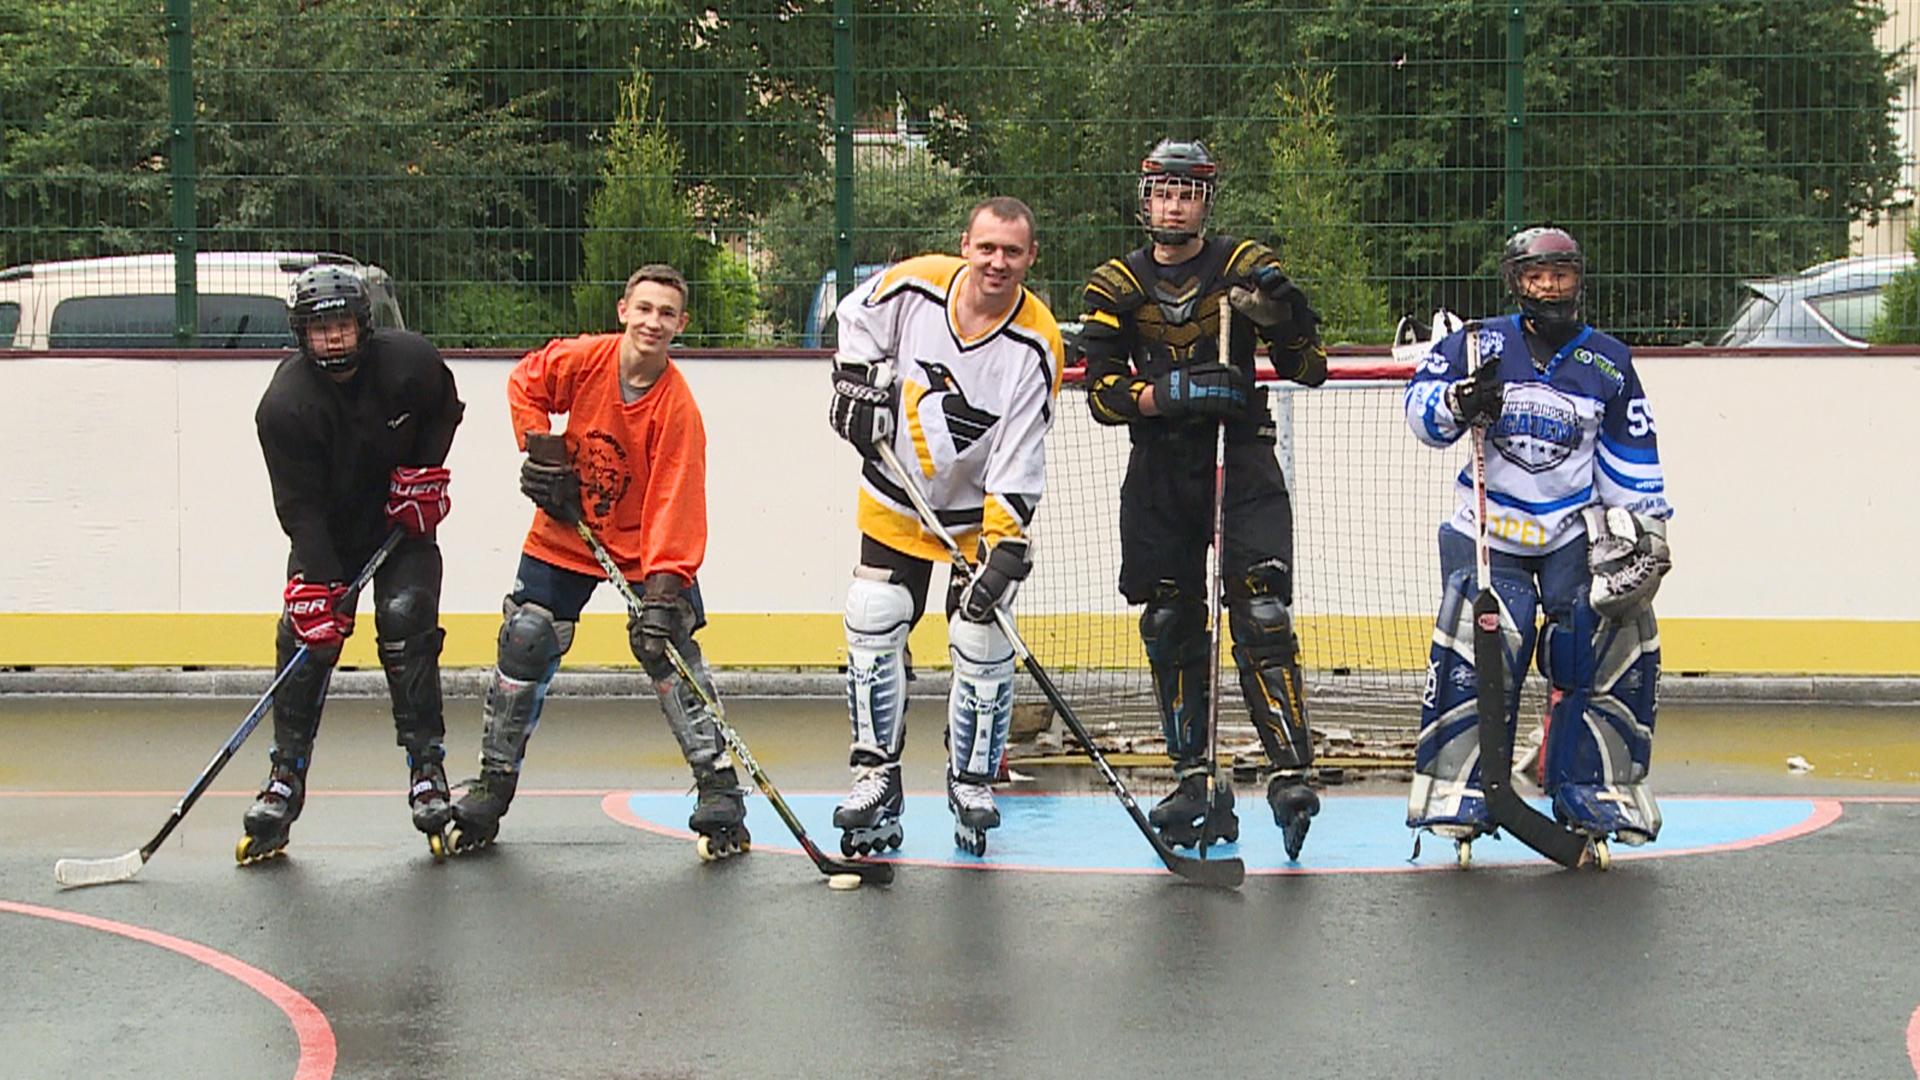 У Коломиї запрацював хокейний гурток (відео)